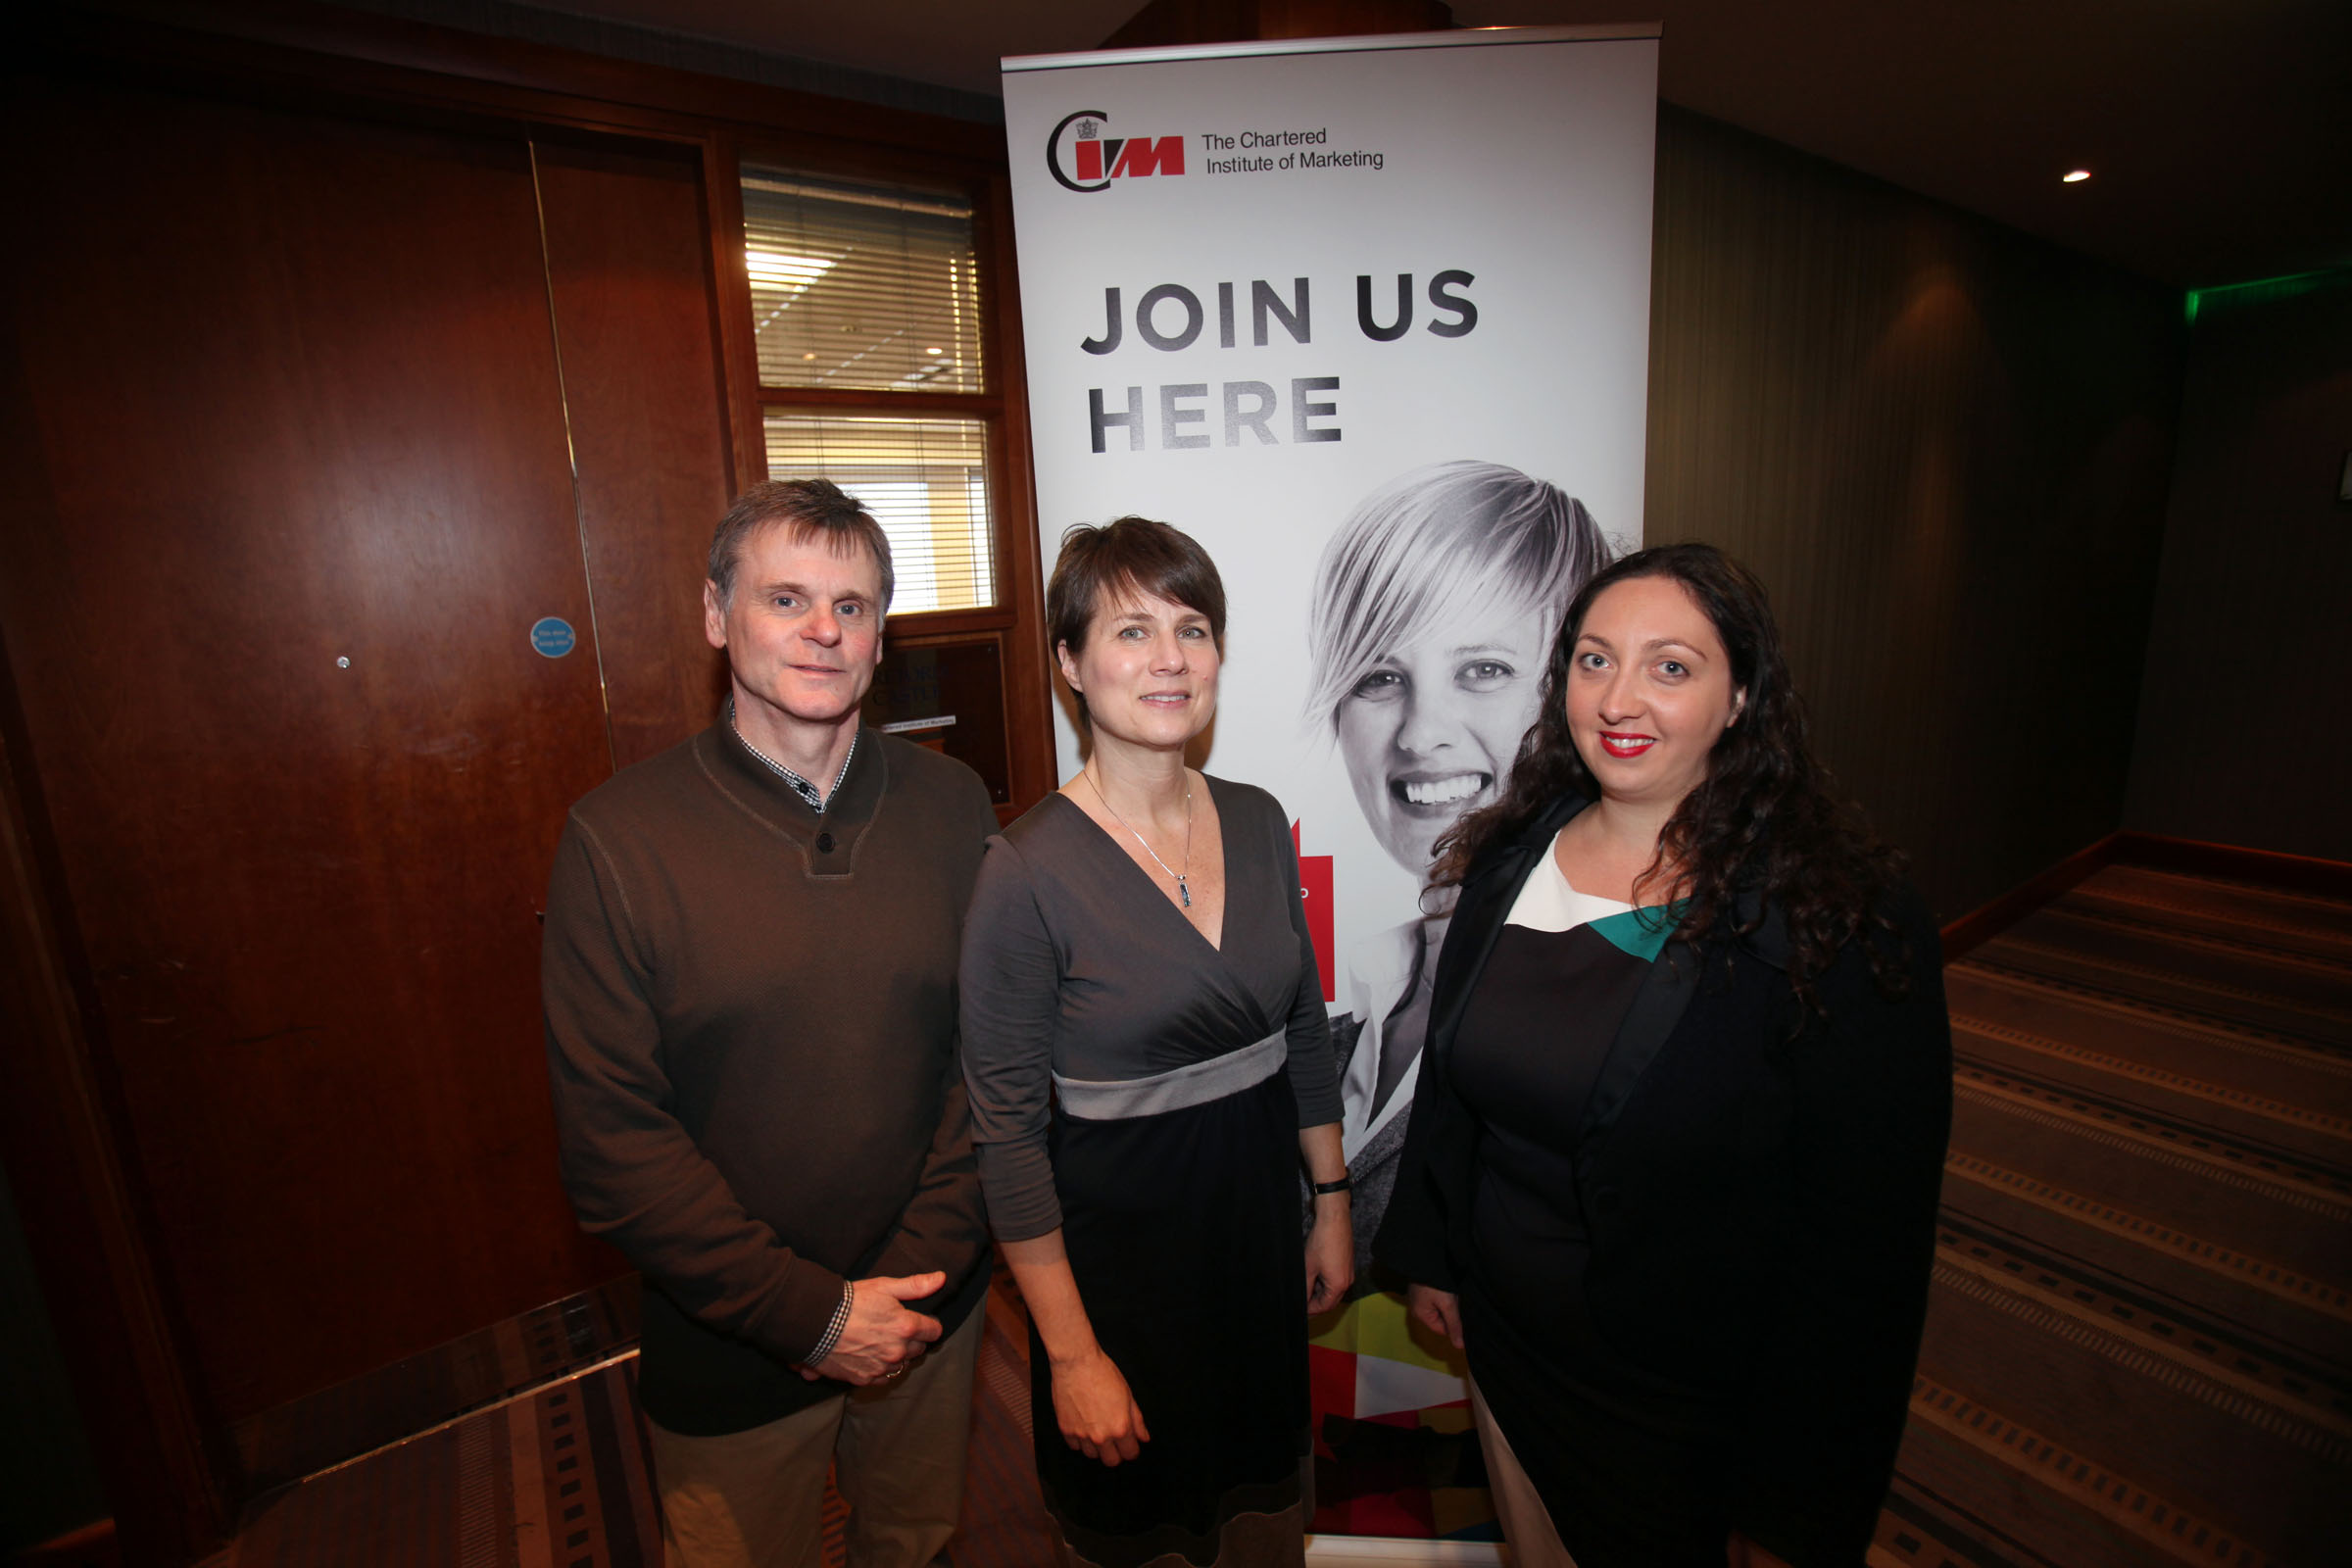 CIM appoints Kelly PR for 2014